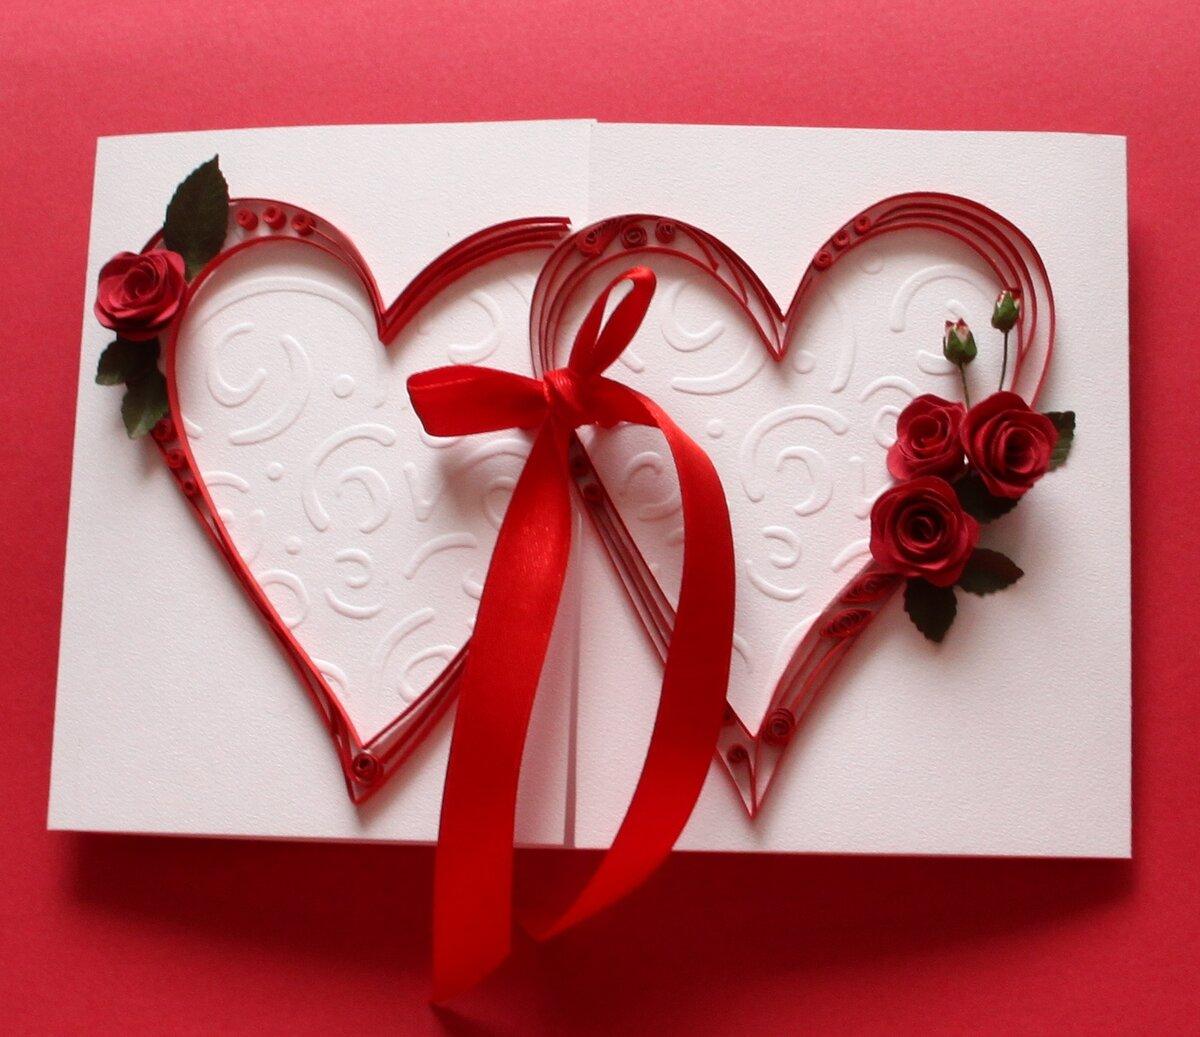 Студенческая, как сделать открытку на день святого валентина видео